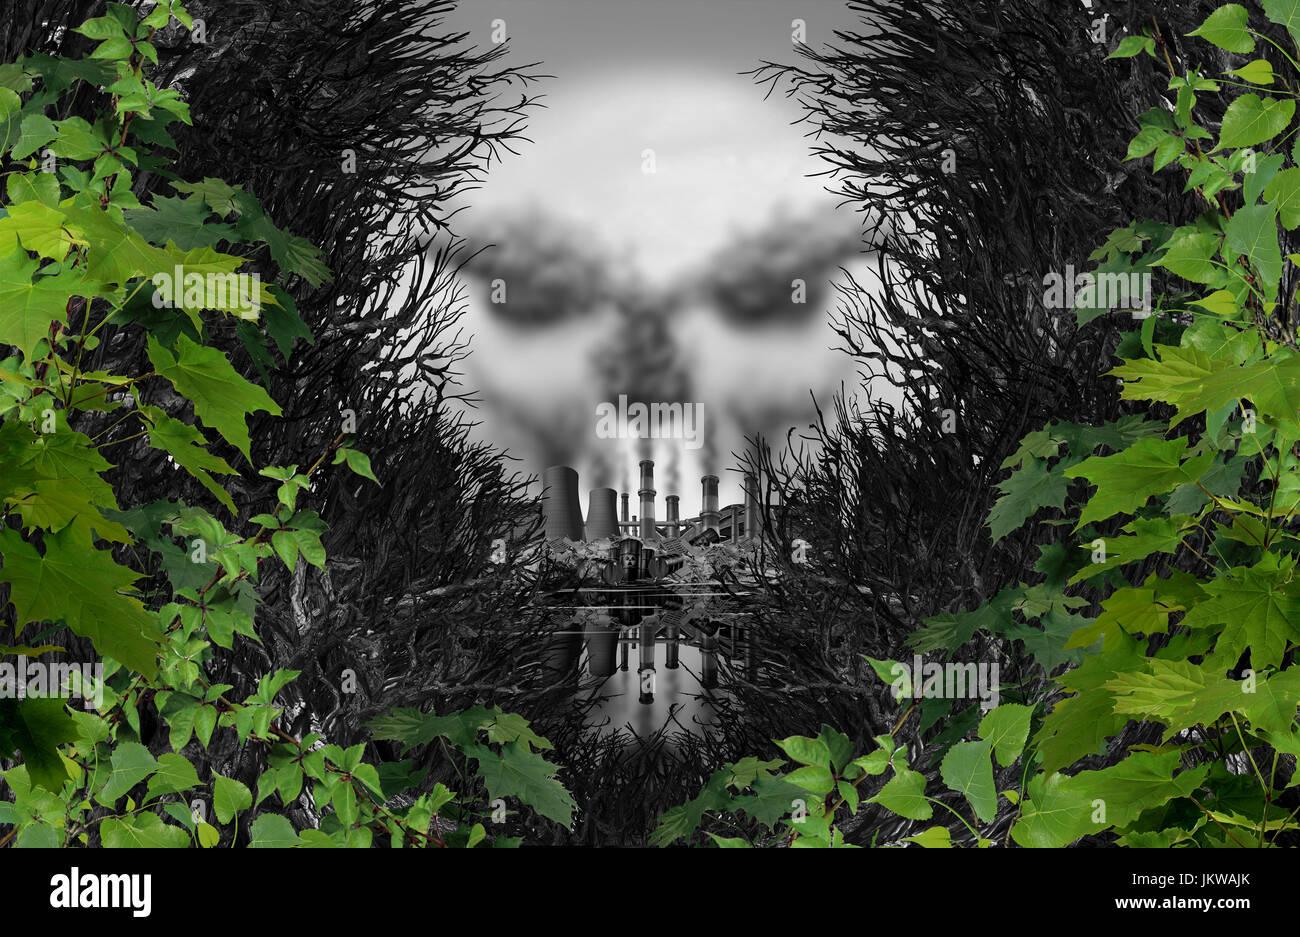 Contaminación peligro tóxico concepto como una escena industrial descubierto a través de un bosque Imagen De Stock